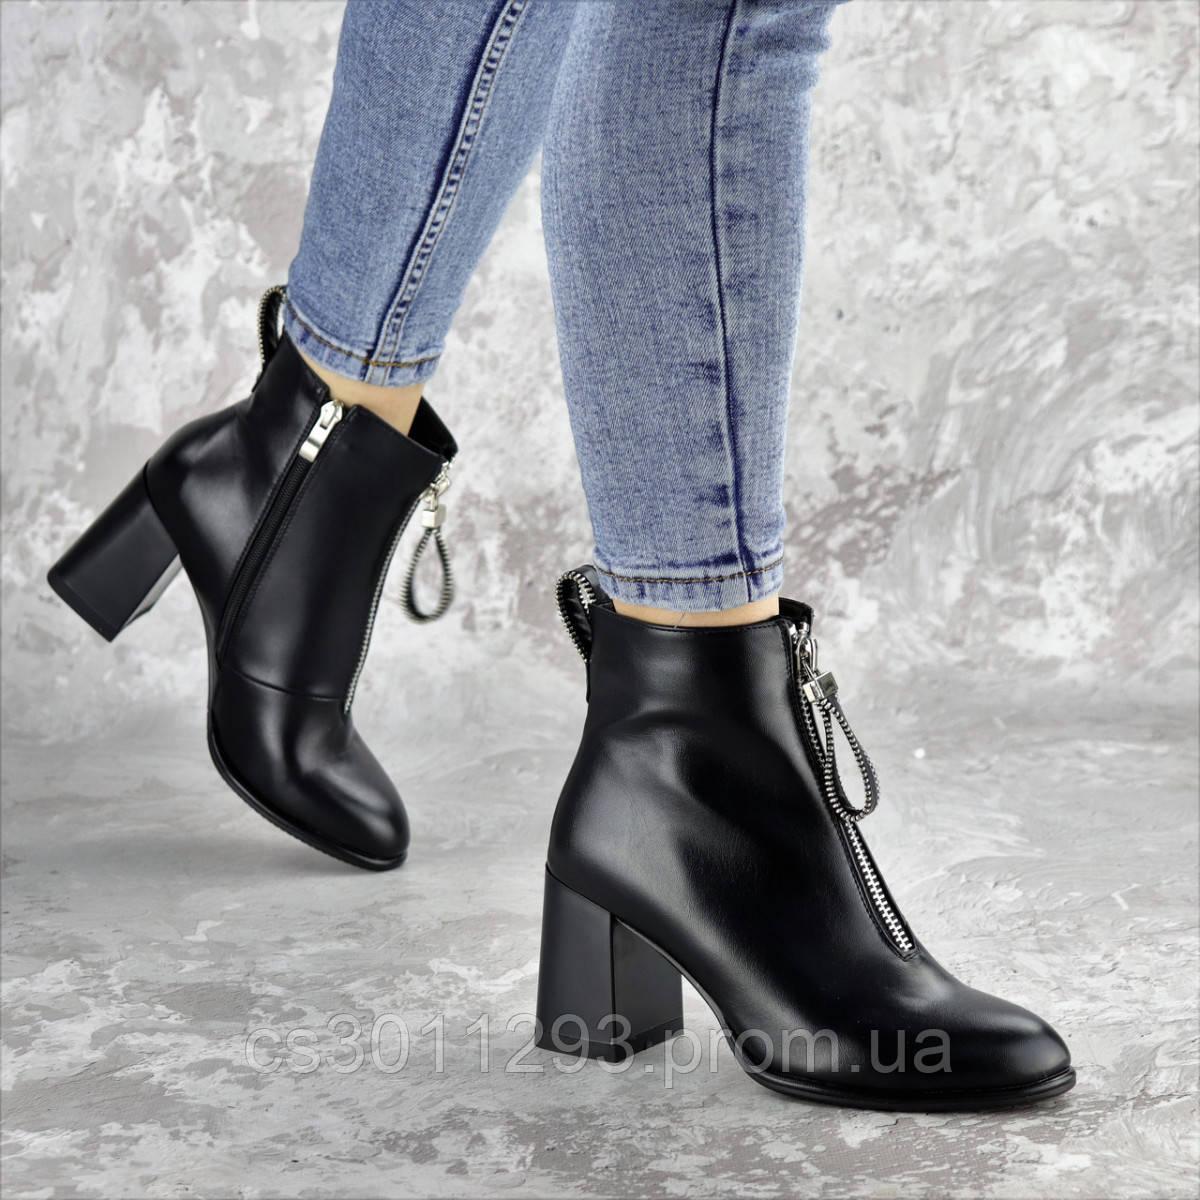 Ботинки женские Fashion Astor 2427 36 размер 23,5 см Черный